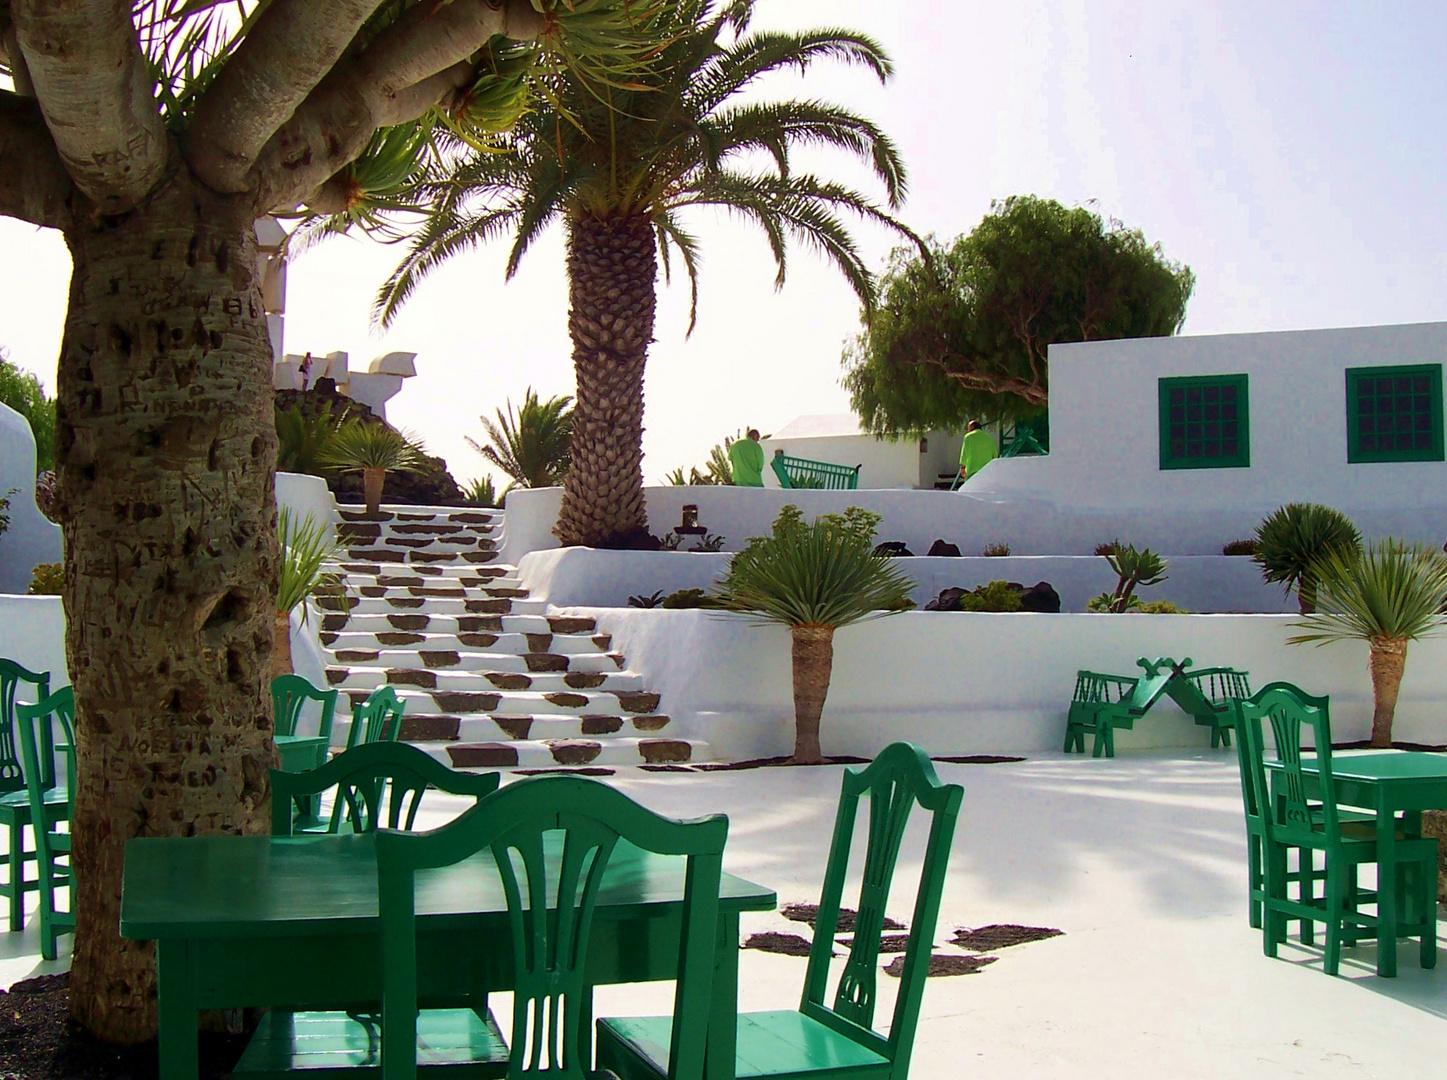 Manrique's Lanzarote